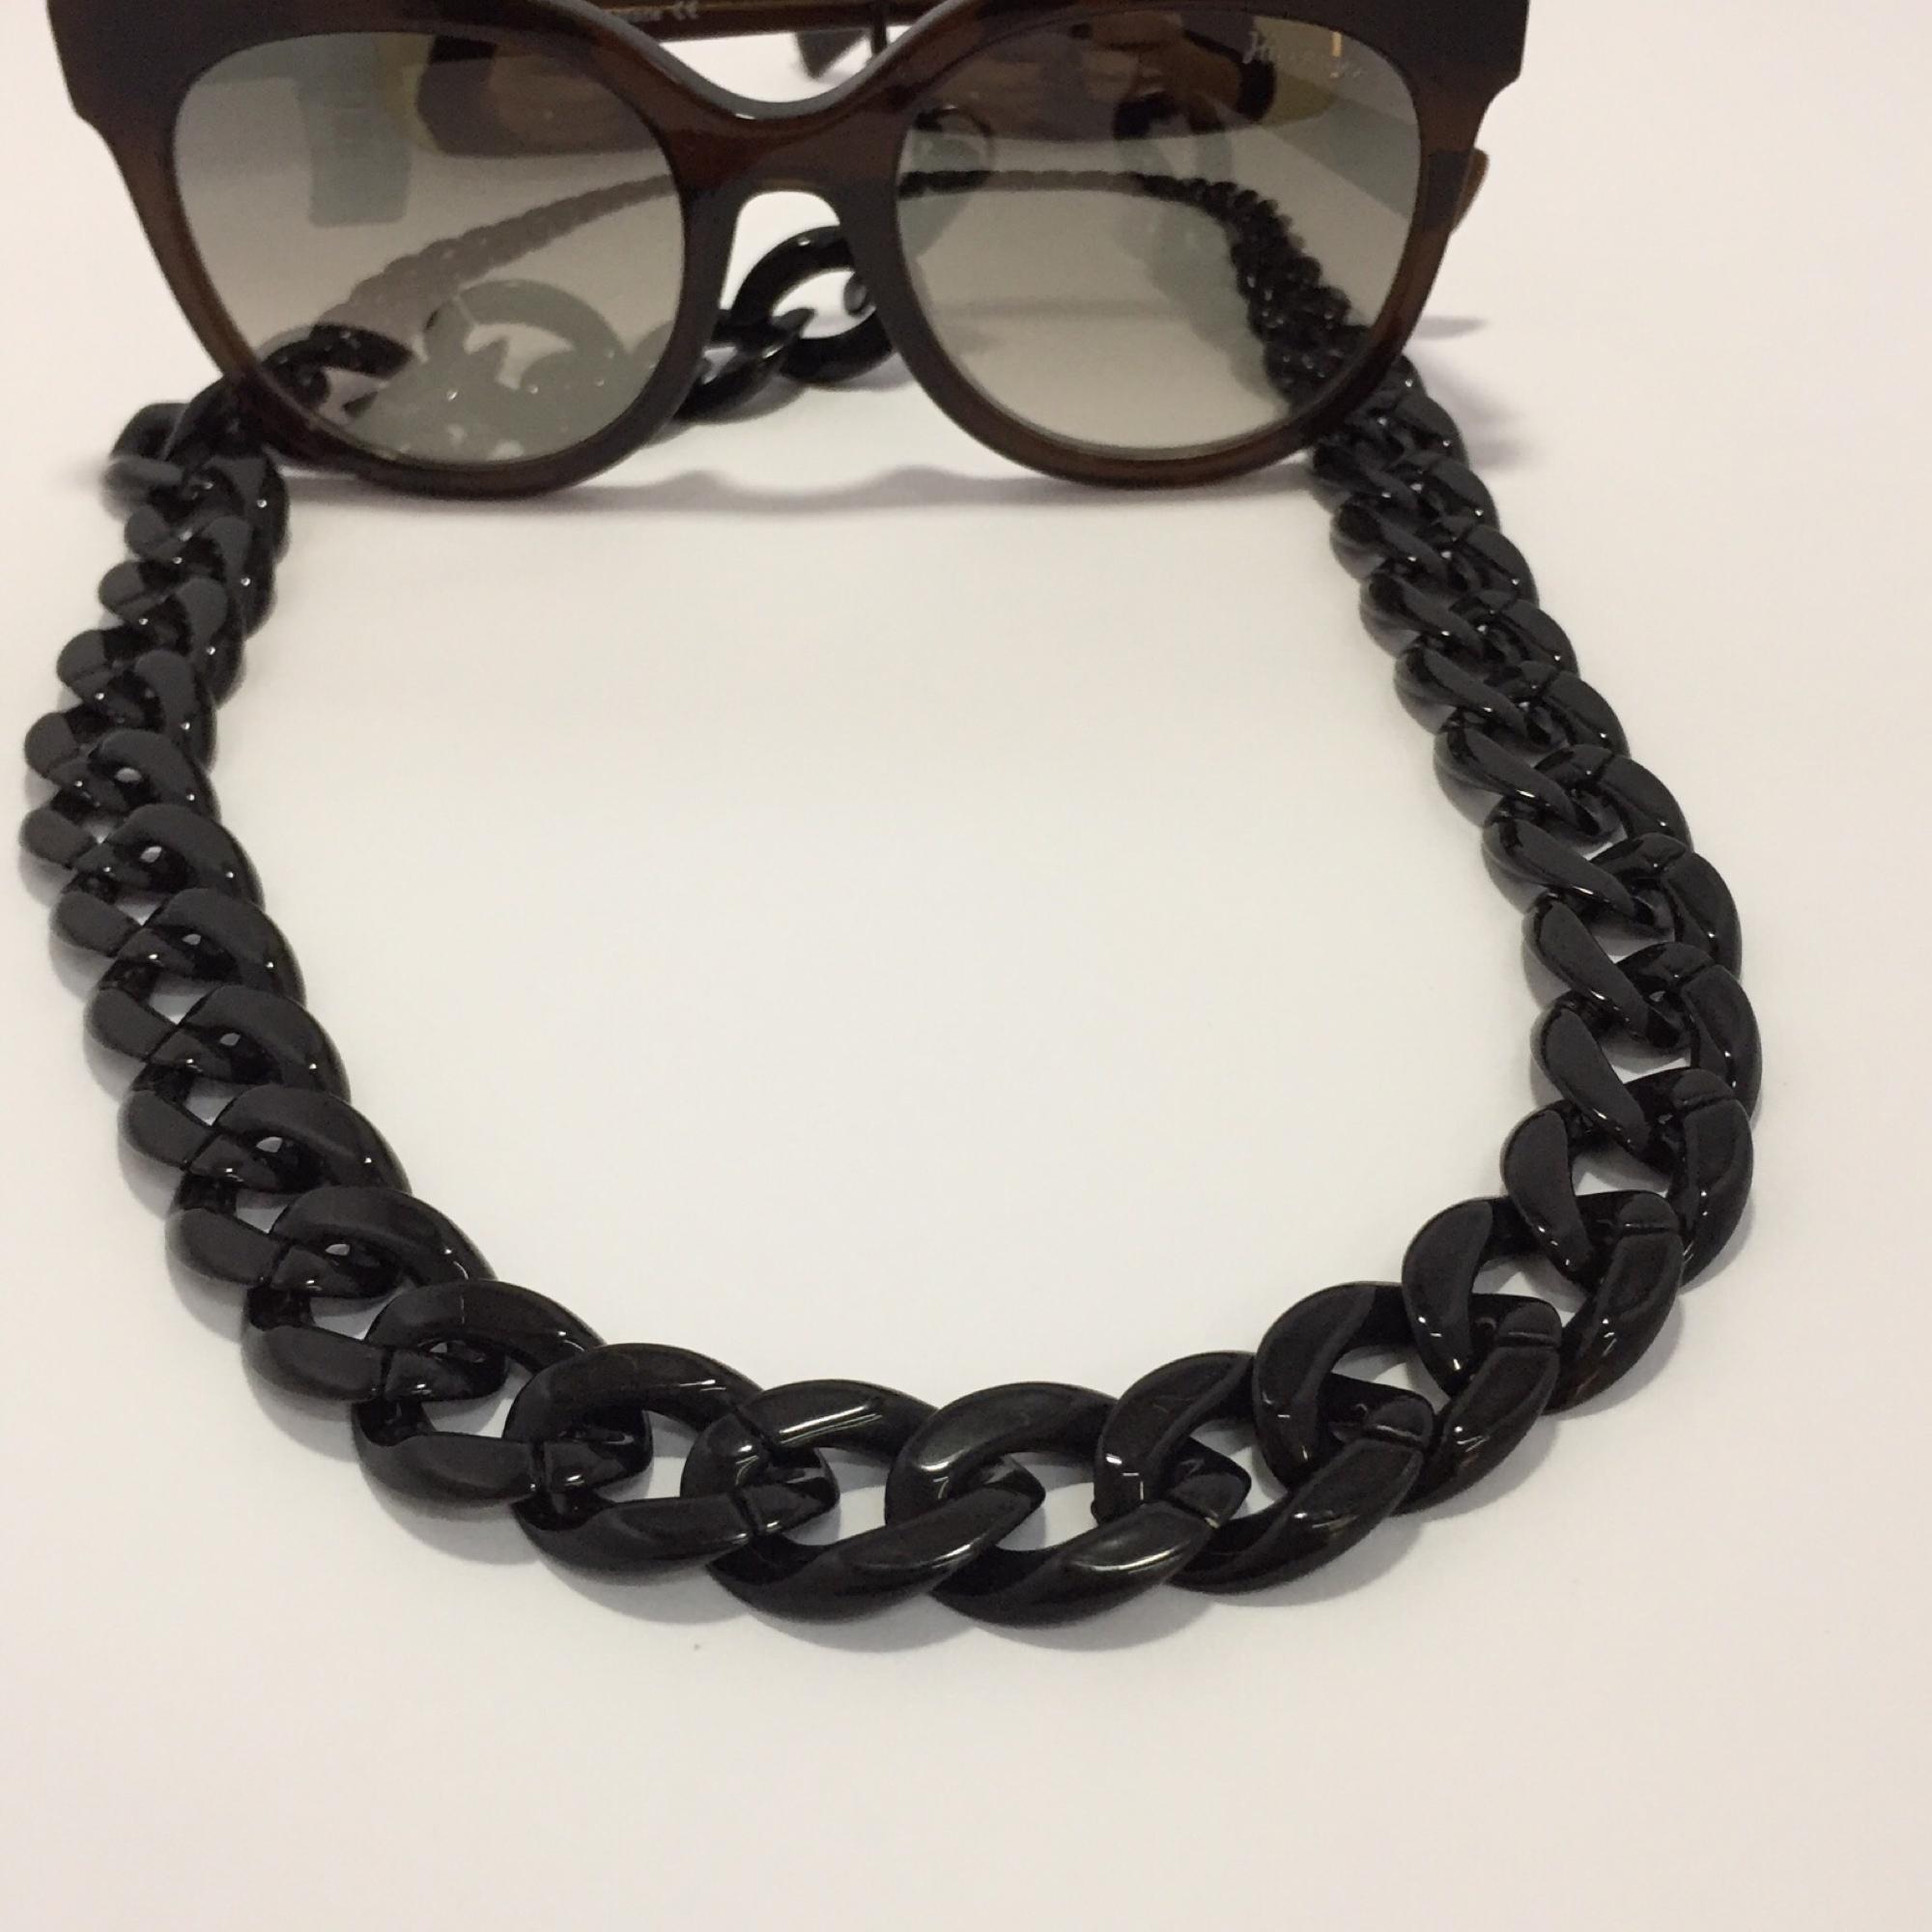 Correntes para pendurar óculos no Elo7   Carla Barranco acessórios (CDCE56) 6acad0f5ab